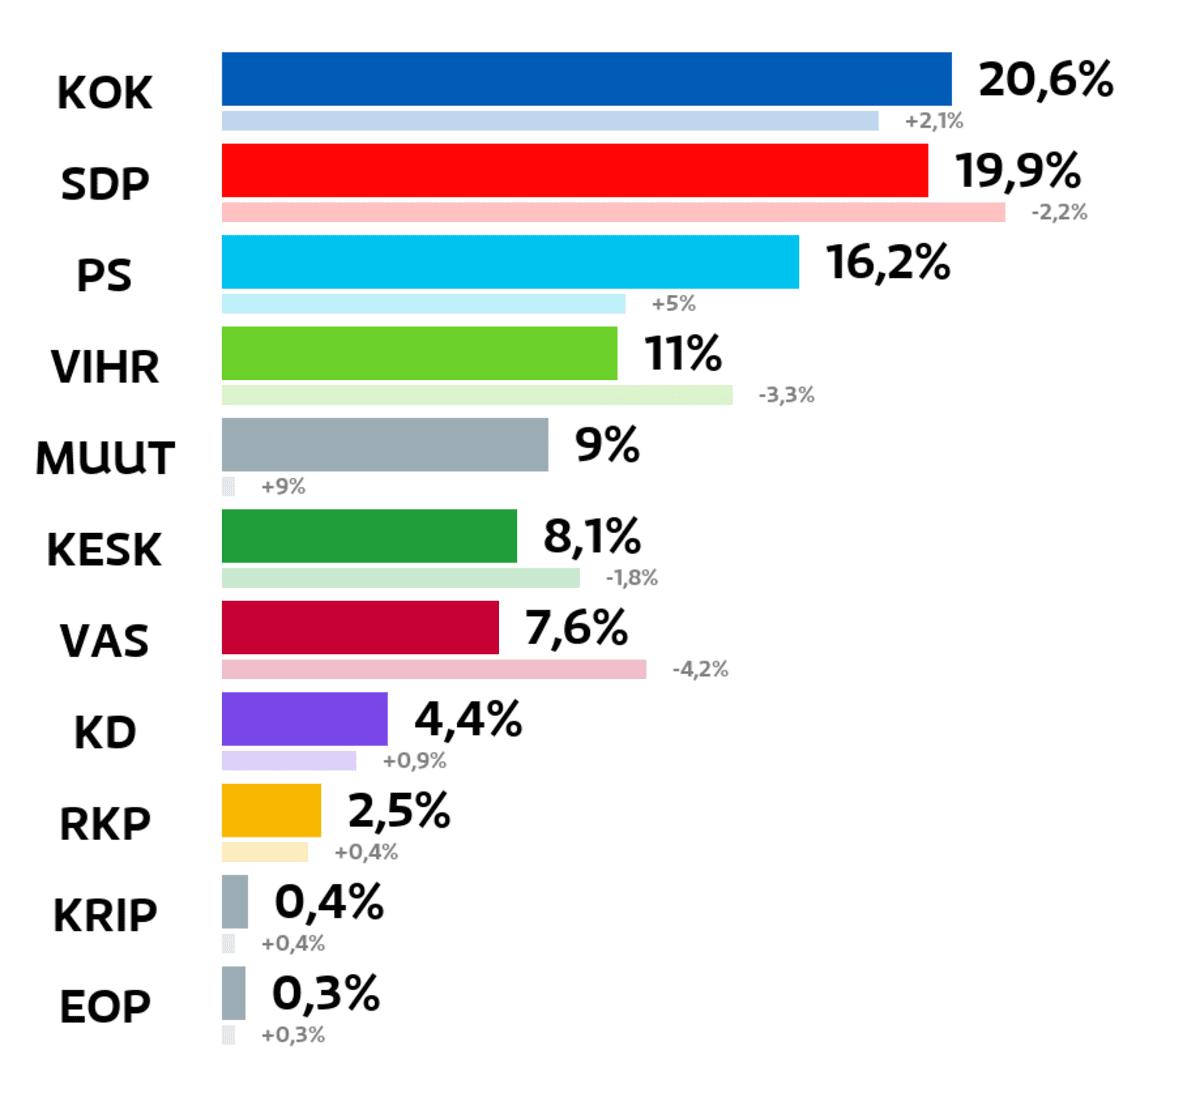 Lohja: Kuntavaalien tulos (%) Kokoomus: 20,6 prosenttia SDP: 19,9 prosenttia Perussuomalaiset: 16,2 prosenttia Vihreät: 11 prosenttia Muut ryhmät: 9 prosenttia Keskusta: 8,1 prosenttia Vasemmistoliitto: 7,6 prosenttia Kristillisdemokraatit: 4,4 prosenttia RKP: 2,5 prosenttia Kristallipuolue: 0,4 prosenttia Eläinoikeuspuolue: 0,3 prosenttia